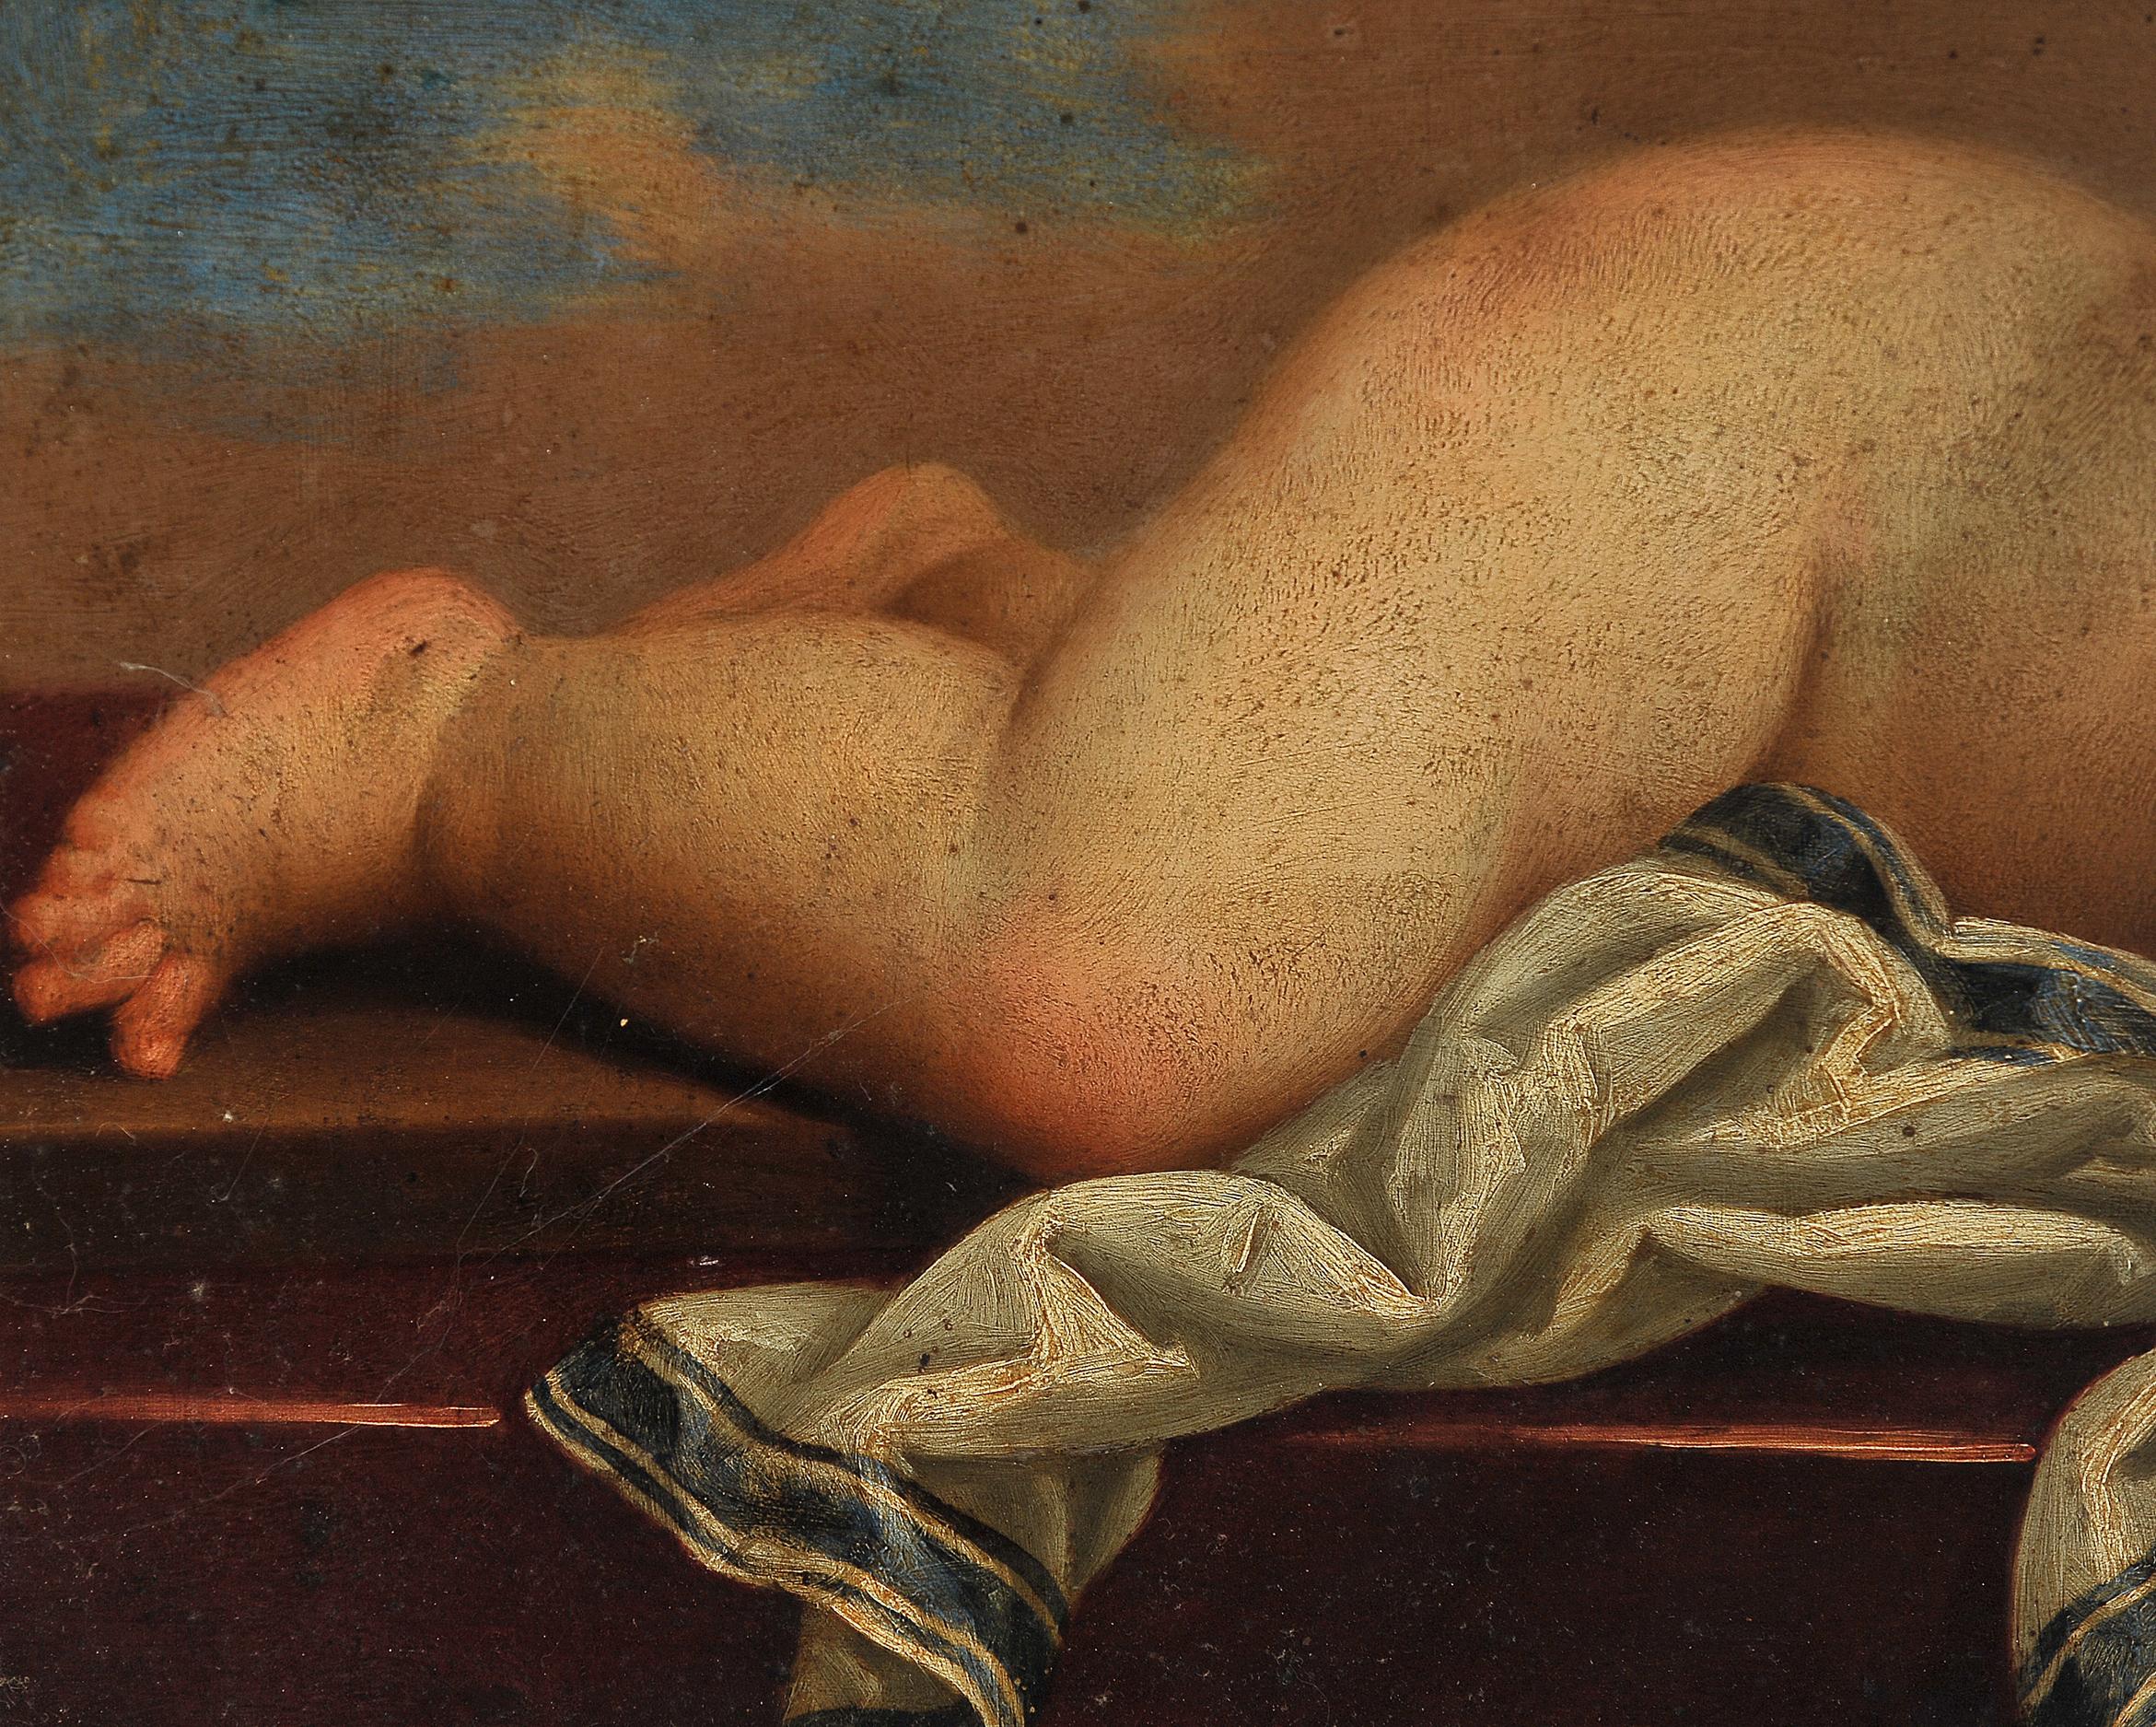 Memento Mori, Gemälde, 17./18. Jhdt. - Image 4 of 6